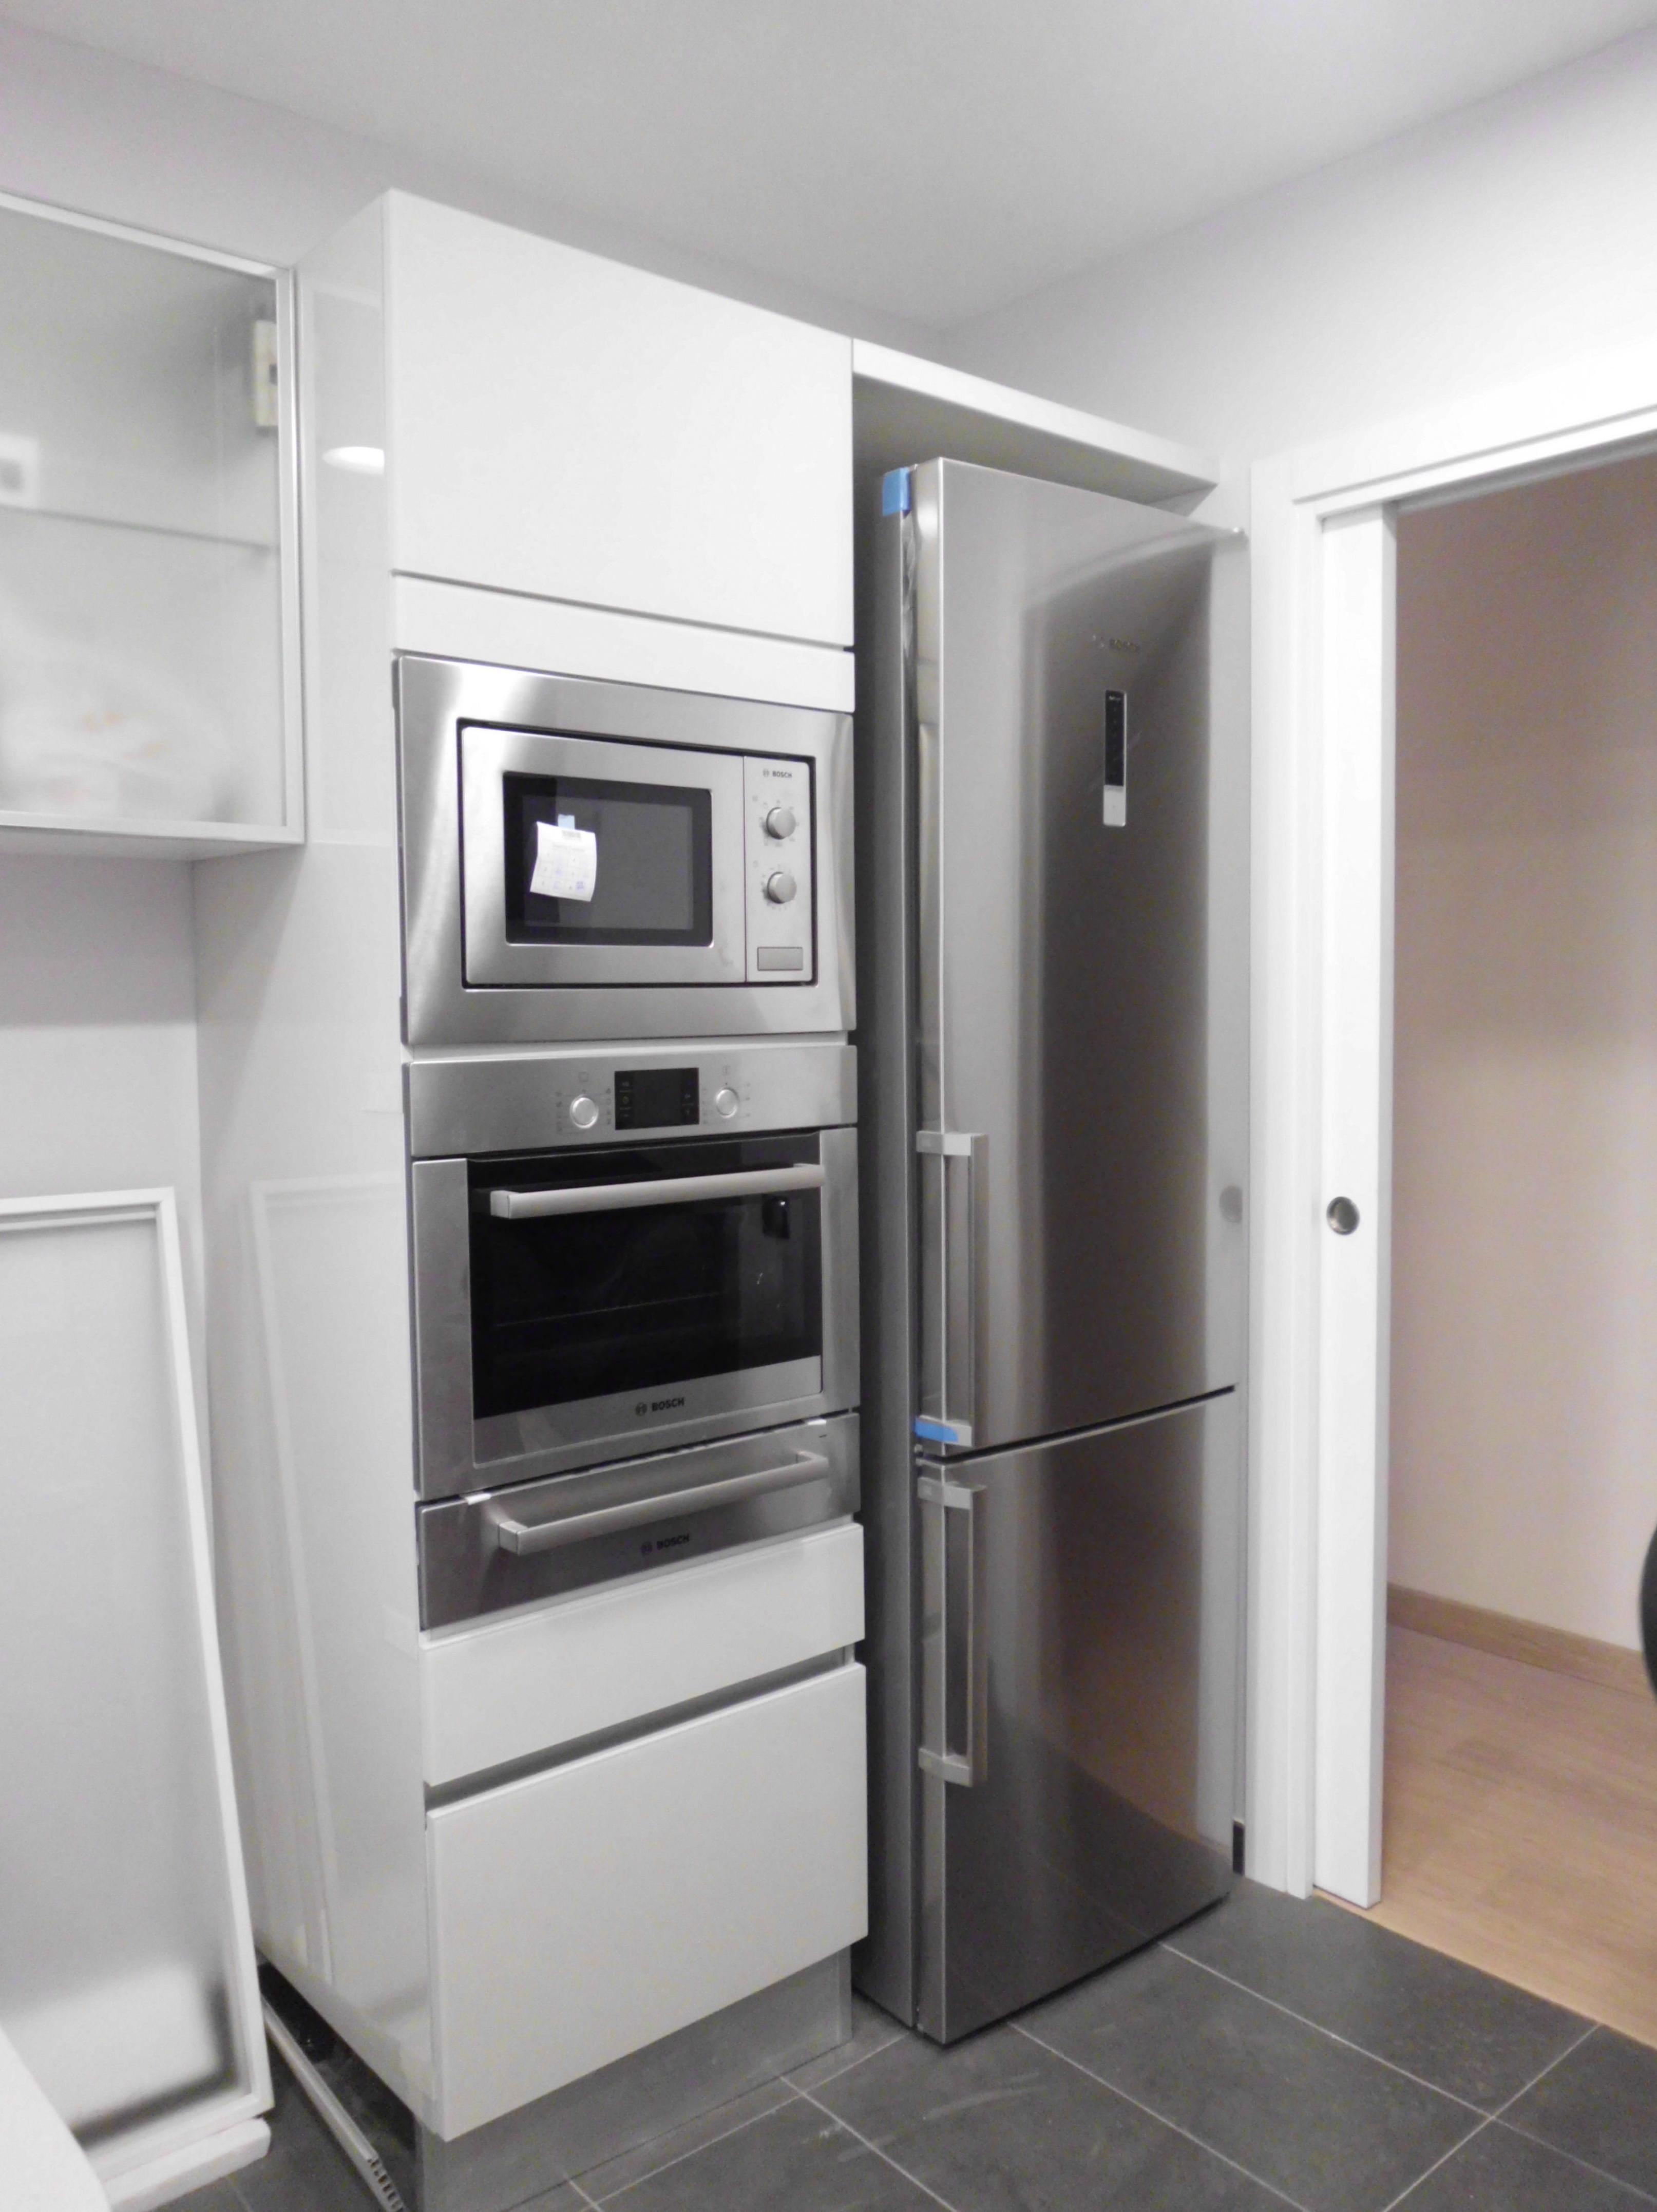 Reforma integral de de alta calidad de un piso \u002D Cocina